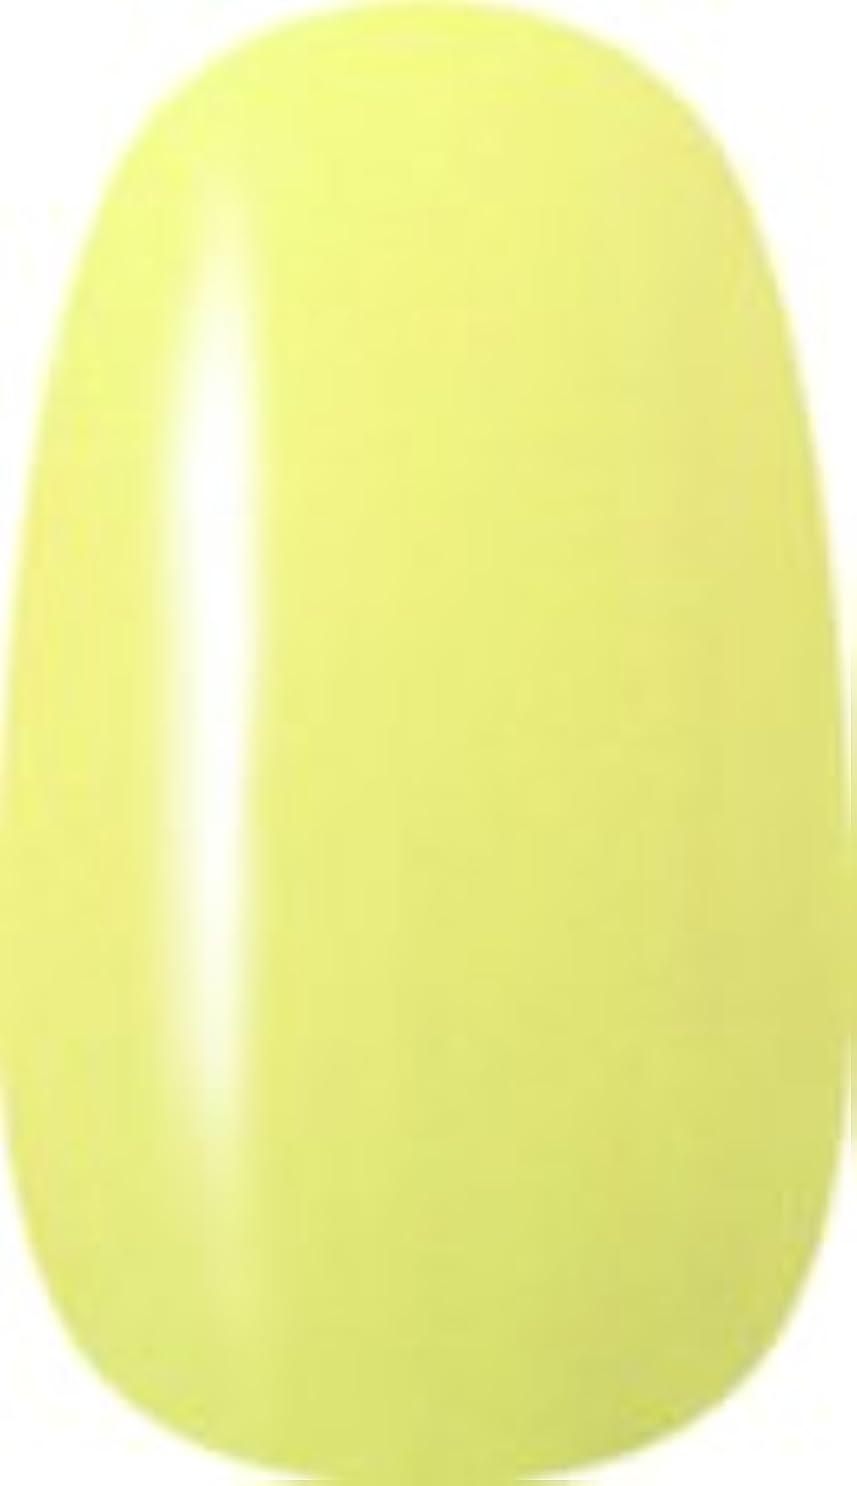 消化タブレット順番ラク カラージェル(69-アイスイエロー)8g 今話題のラクジェル 素早く仕上カラージェル 抜群の発色とツヤ 国産ポリッシュタイプ オールインワン ワンステップジェルネイル RAKU COLOR GEL #69